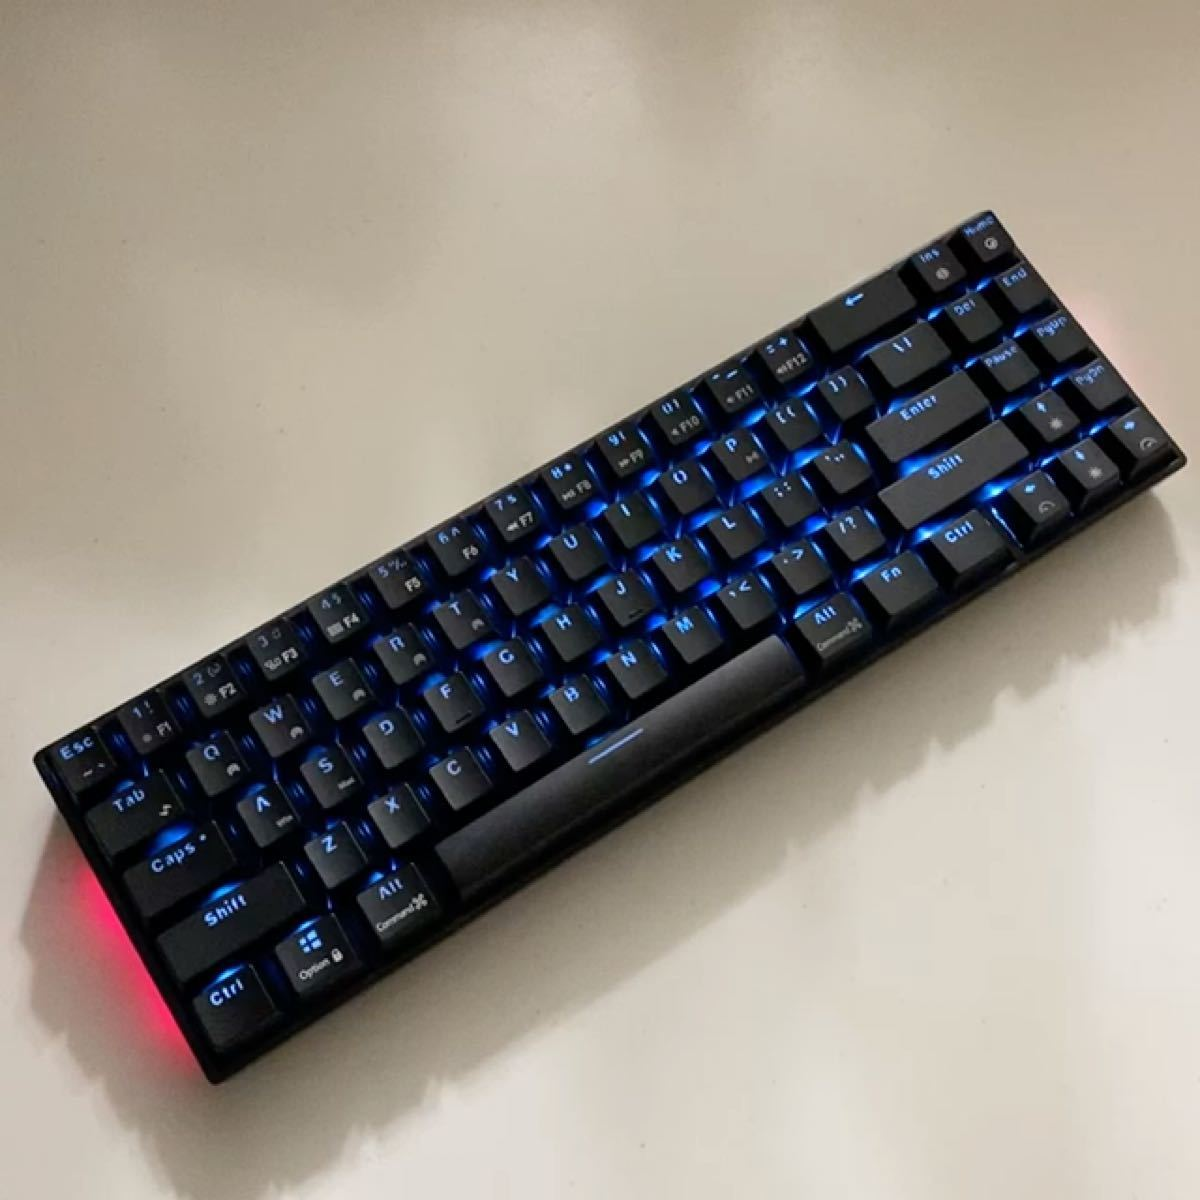 RK71 ゲーミングキーボード ワイヤレス LEDバックライト付きUSB/Bluetooth メカニカルキーボード 青軸